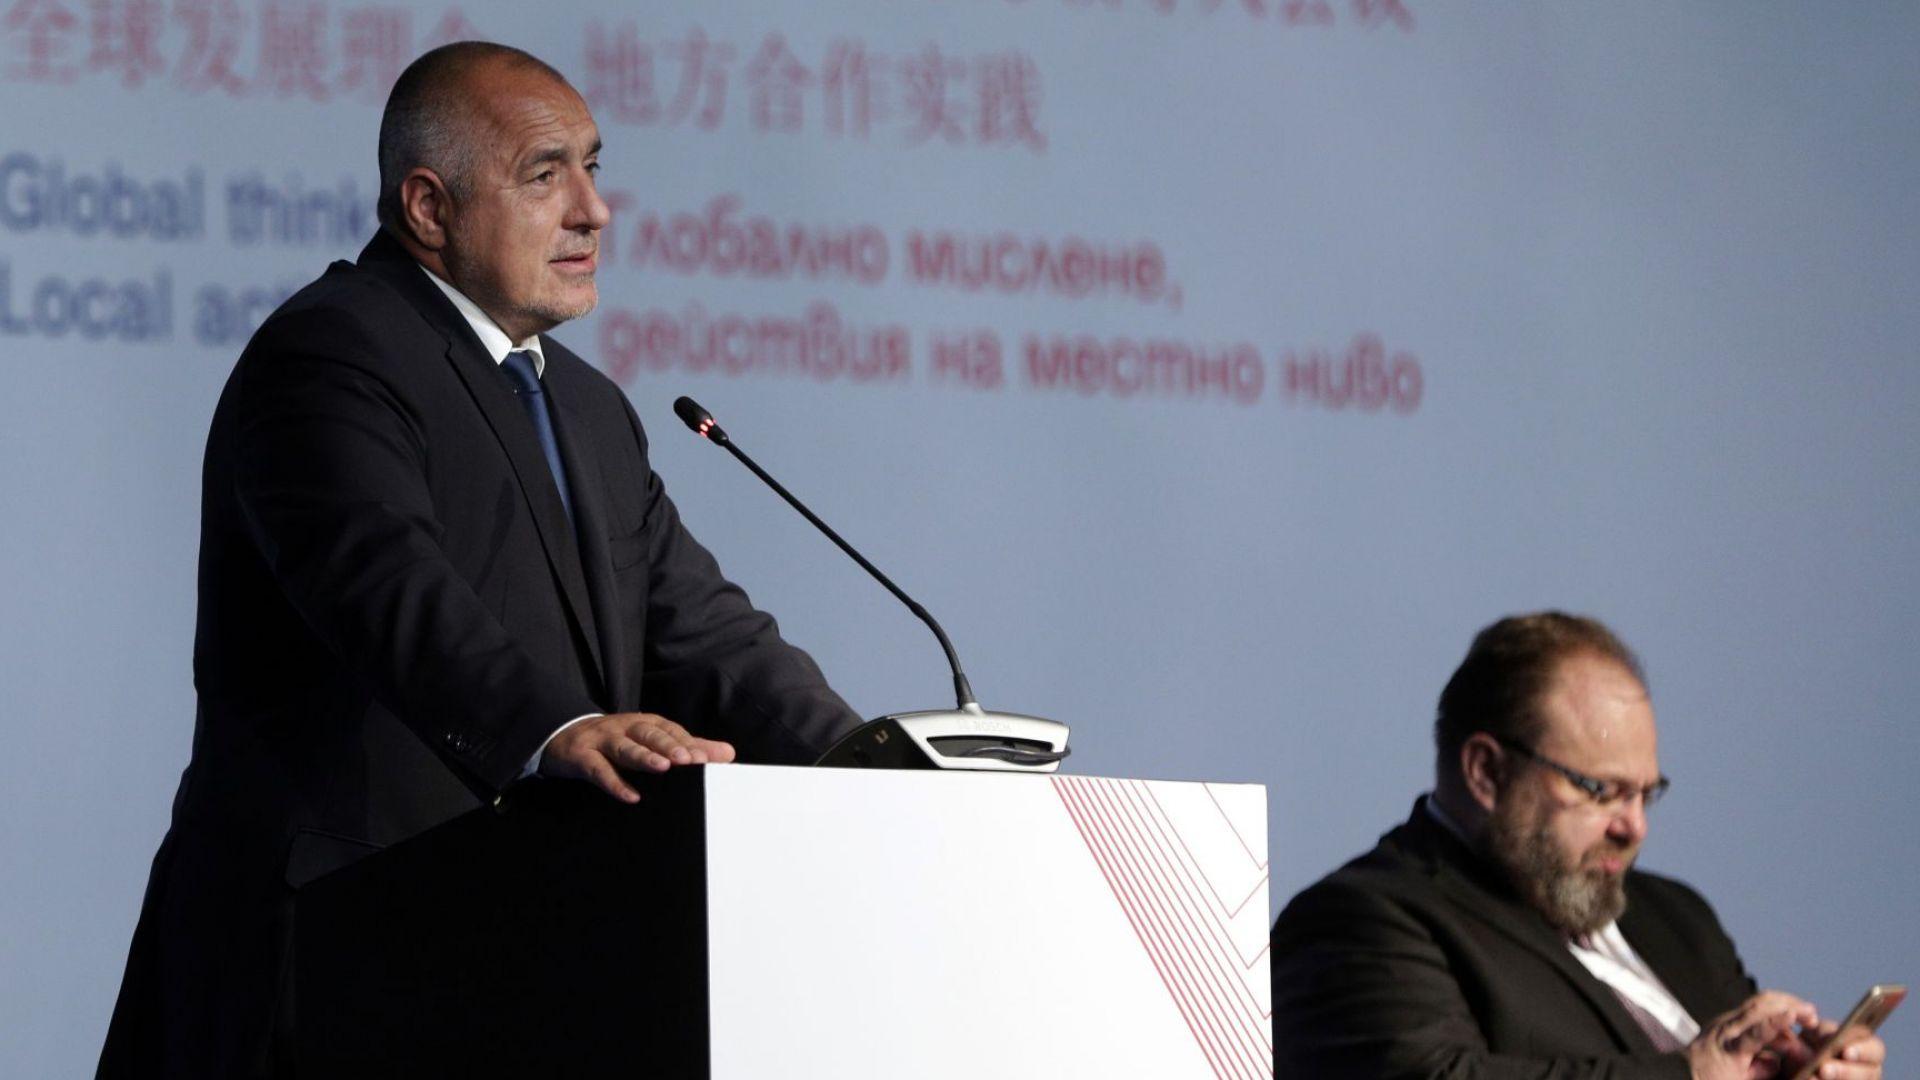 Борисов: Санкциите срещу държавите са прът в колелата на бизнеса